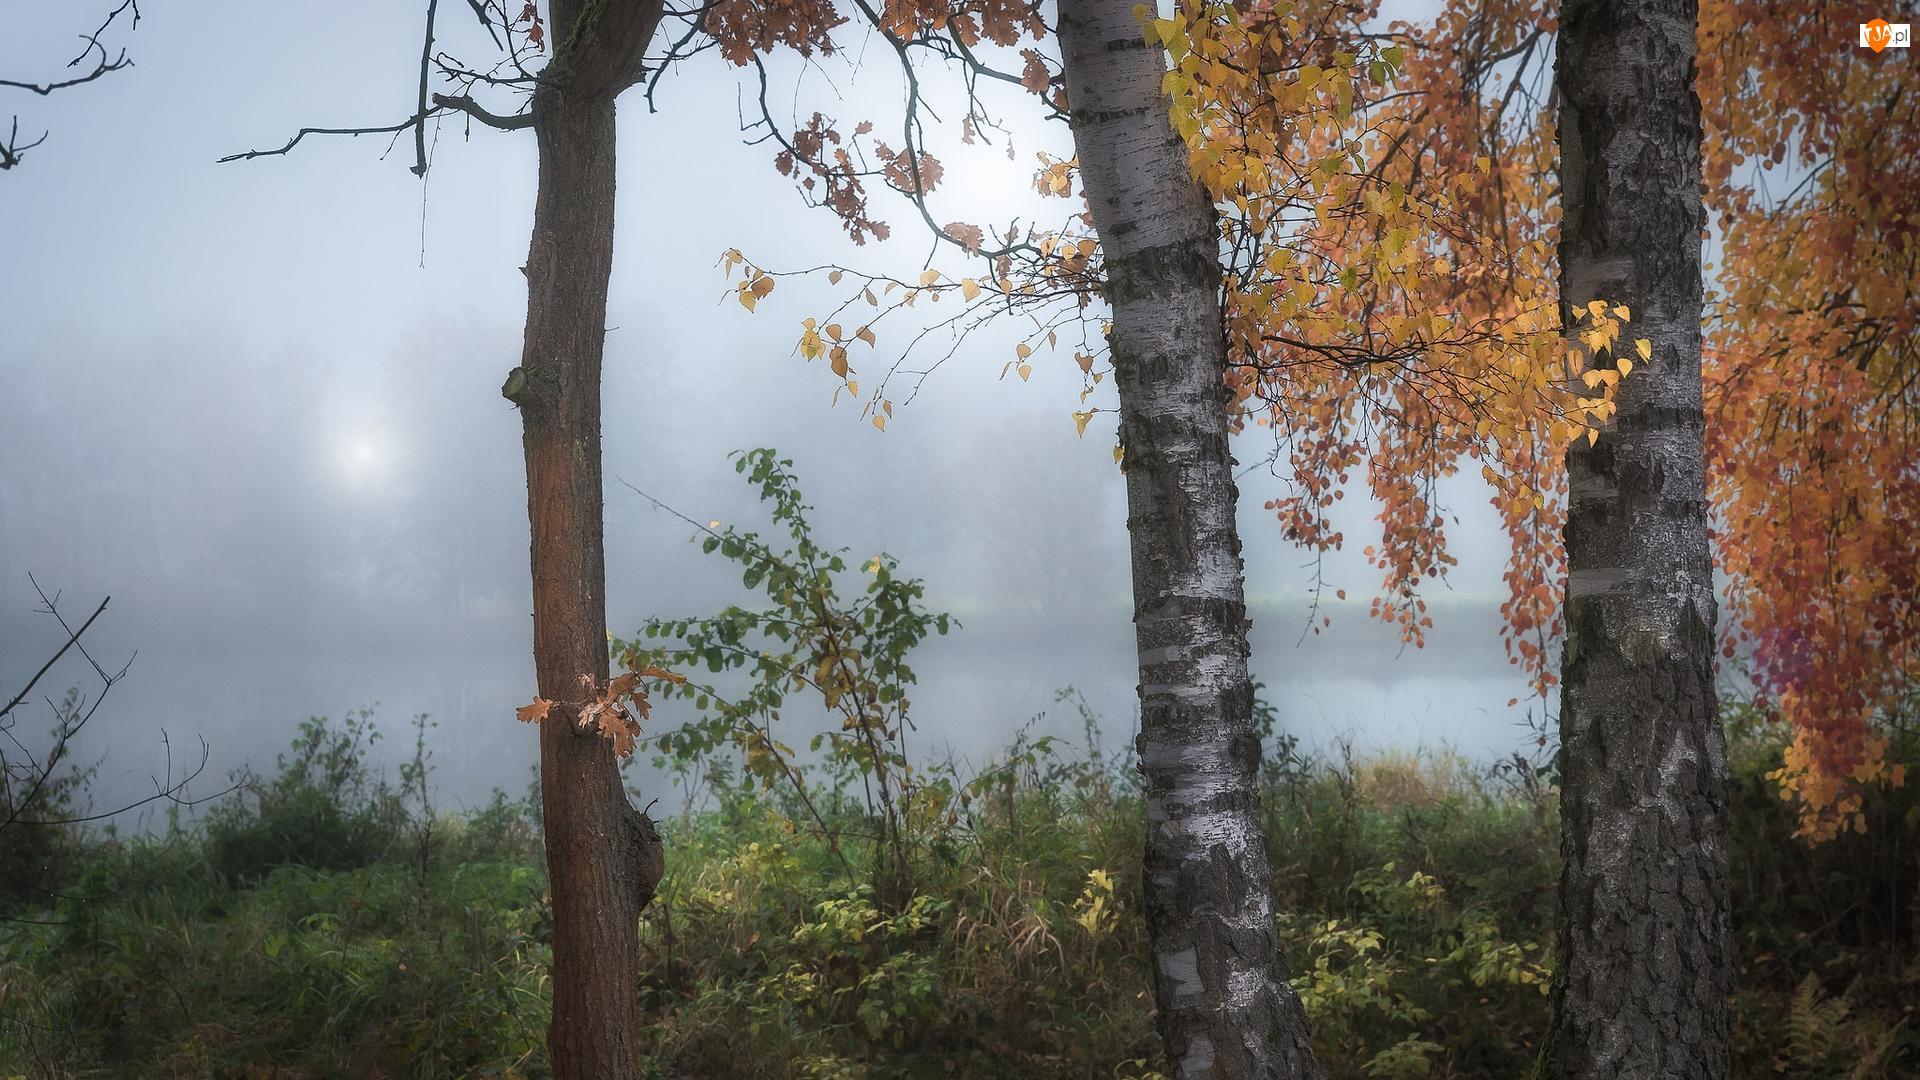 Brzozy, Mgła, Drzewa, Jesień, Rzeka